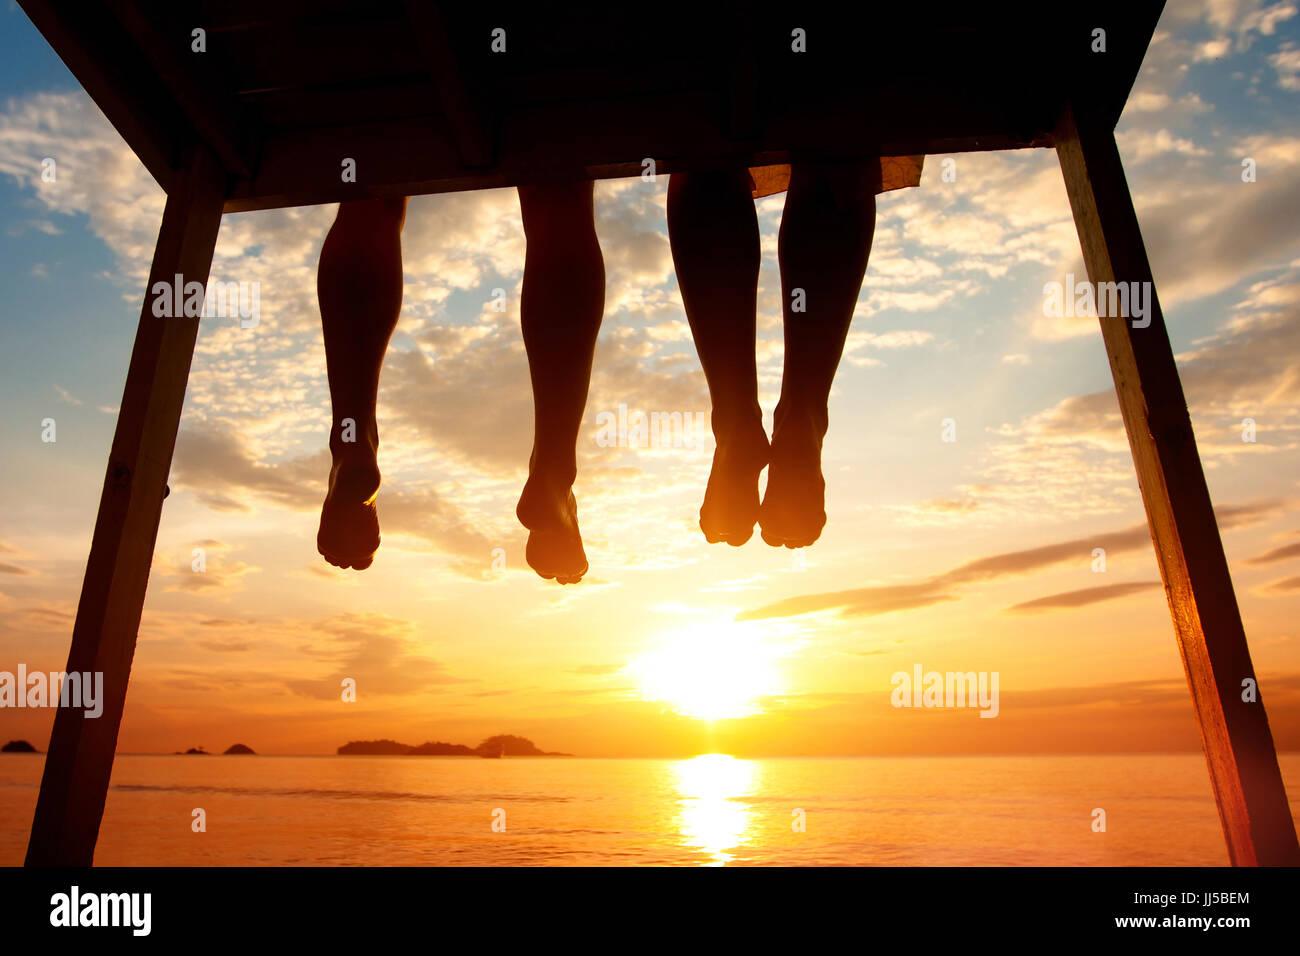 El concepto de la felicidad, la silueta de los pies de la pareja sentada en el muelle en sunset beach Imagen De Stock